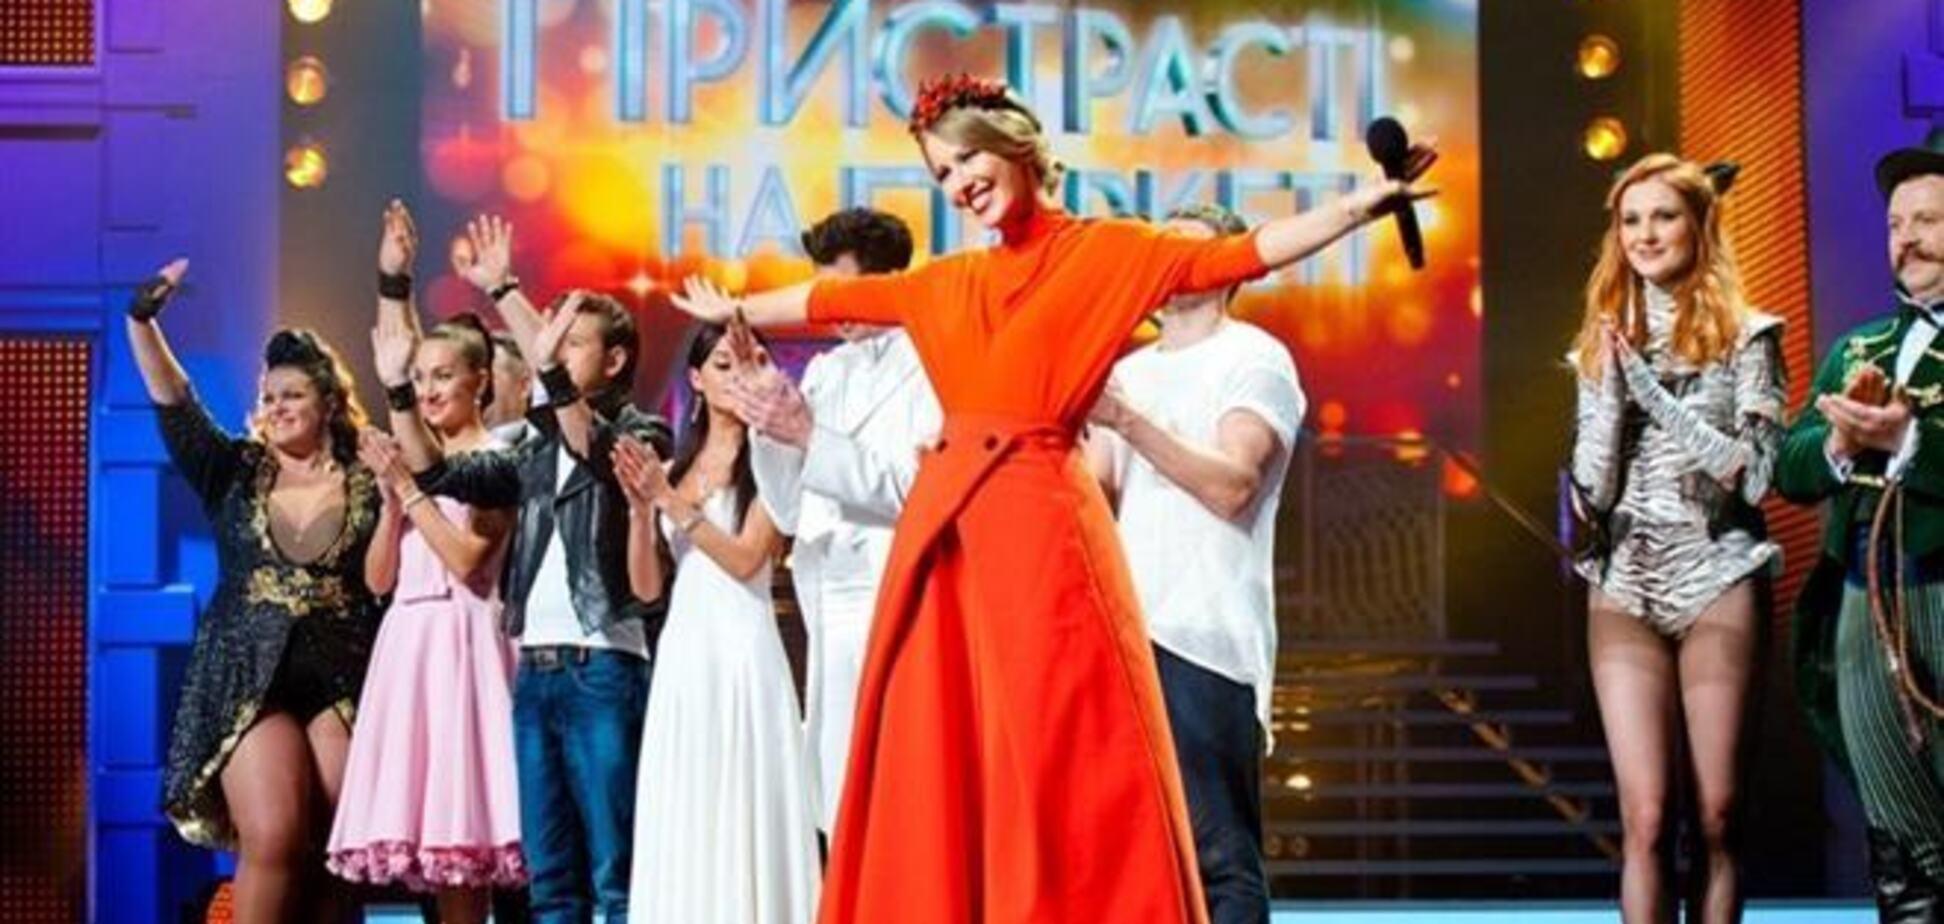 В Украине 'прикрыли' шоу со звездами из-за политической ситуации